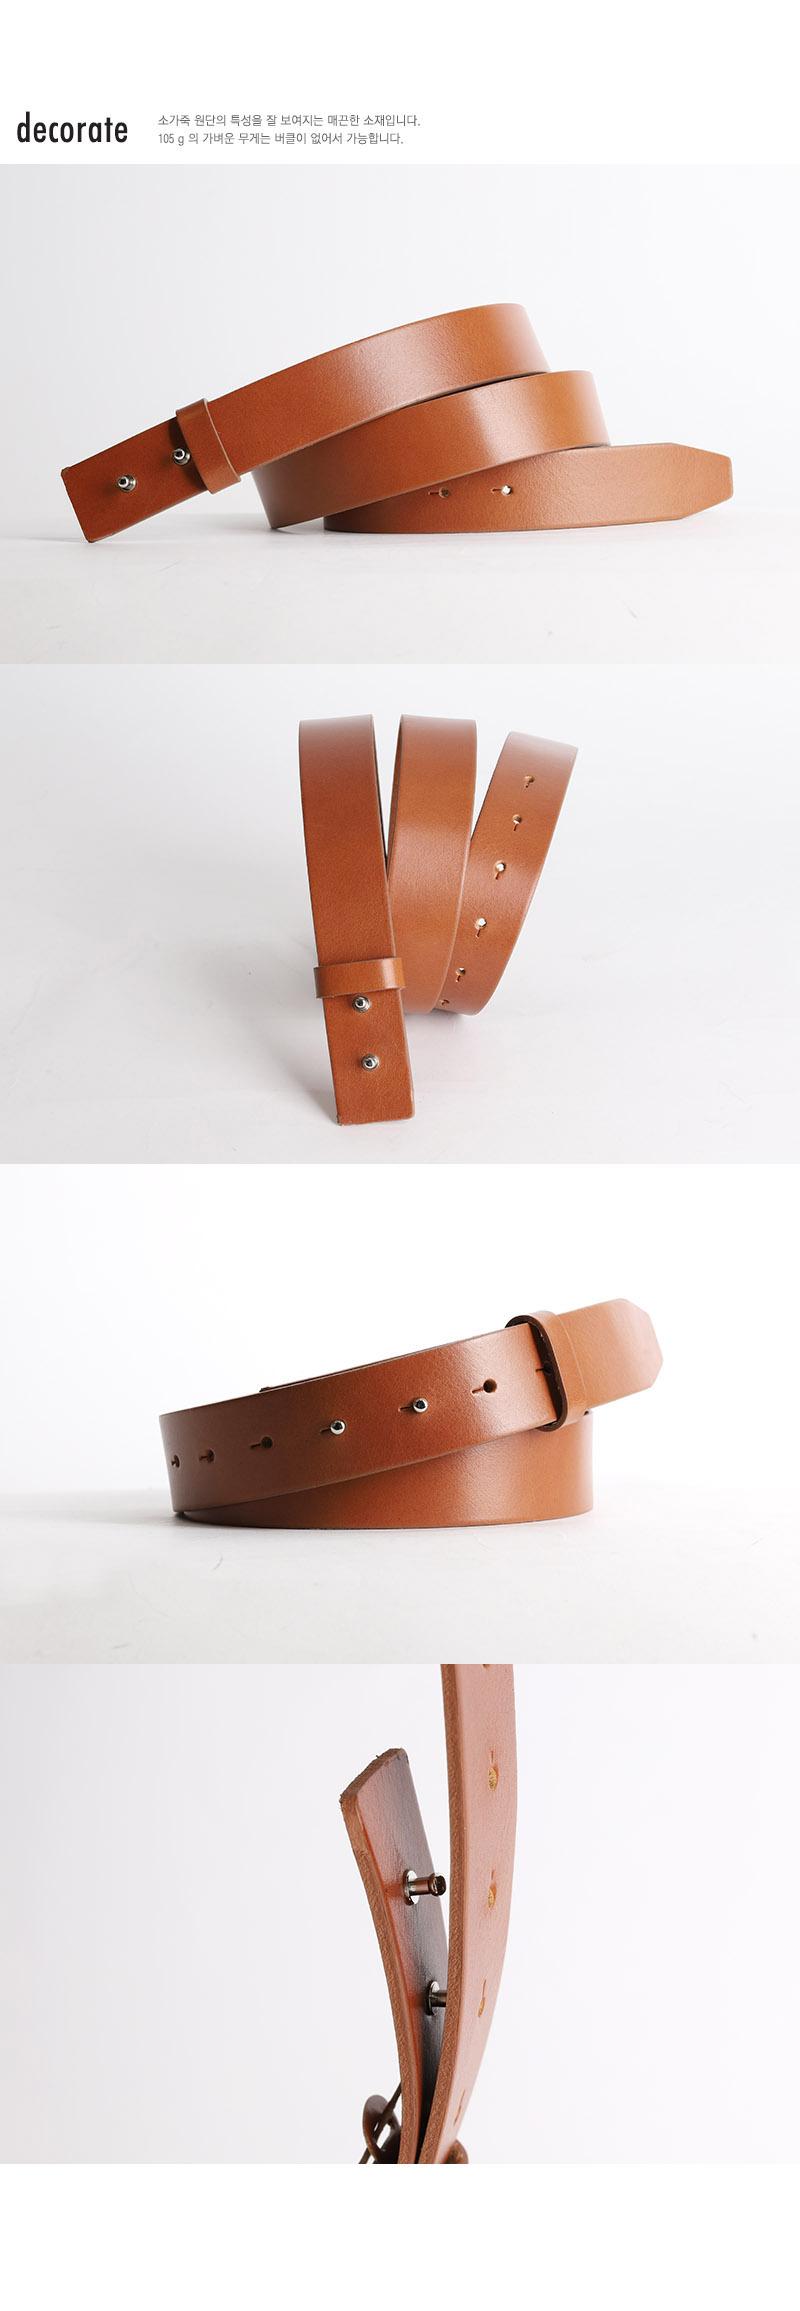 [그린 스터프] 노버클 심플리 벨트 33mm 022 [카멜 브라운] (GREEN STUFF no buckle simply belt 022)